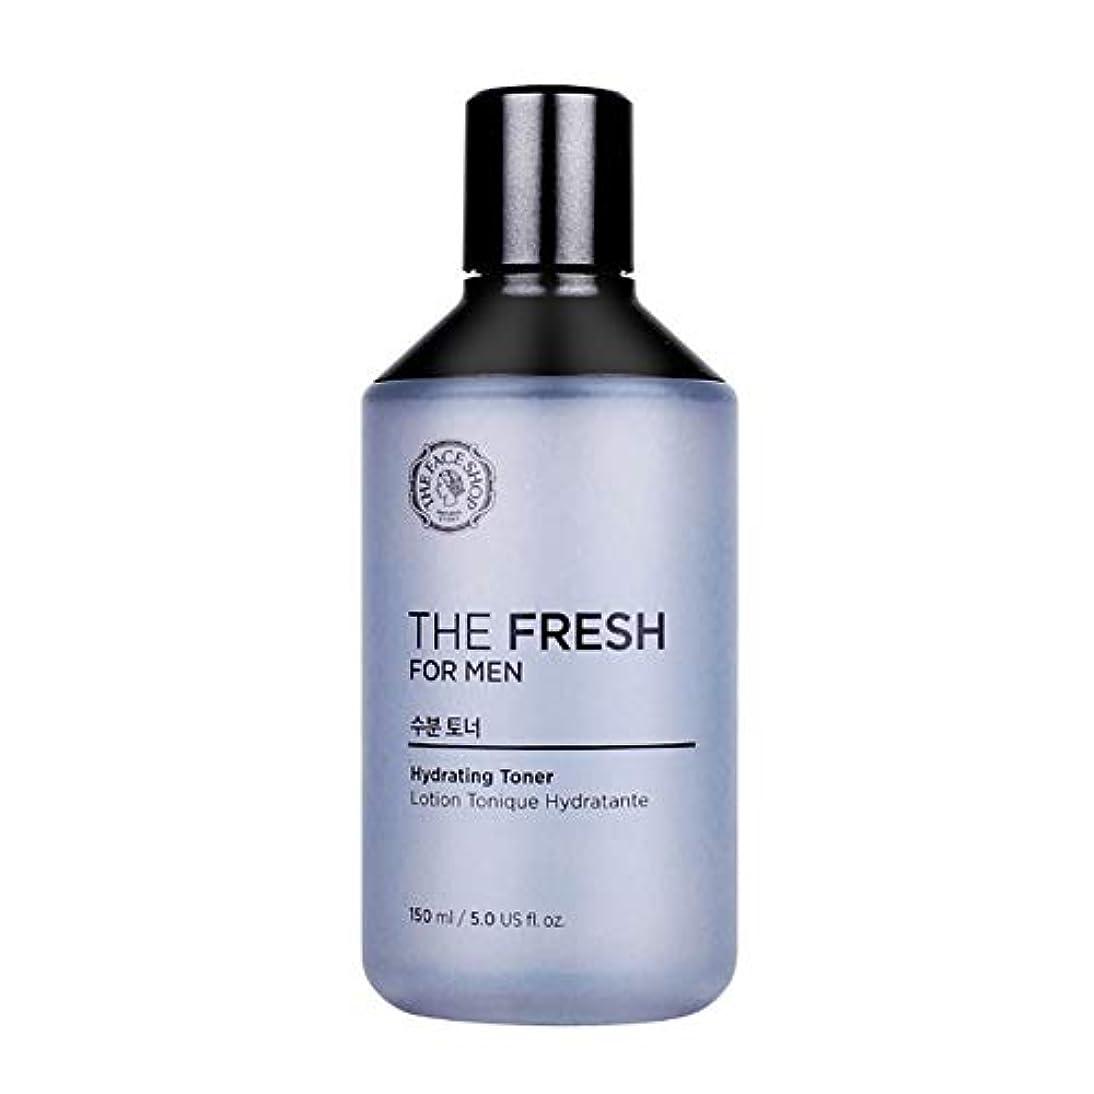 オートメーションユーモア上回るザ・フェイスショップザ・フレッシュフォーマン水分トナー150mlメンズコスメ、The Face Shop The Fresh For Men Hydrating Toner 150ml Men's Cosmetics [並行輸入品]